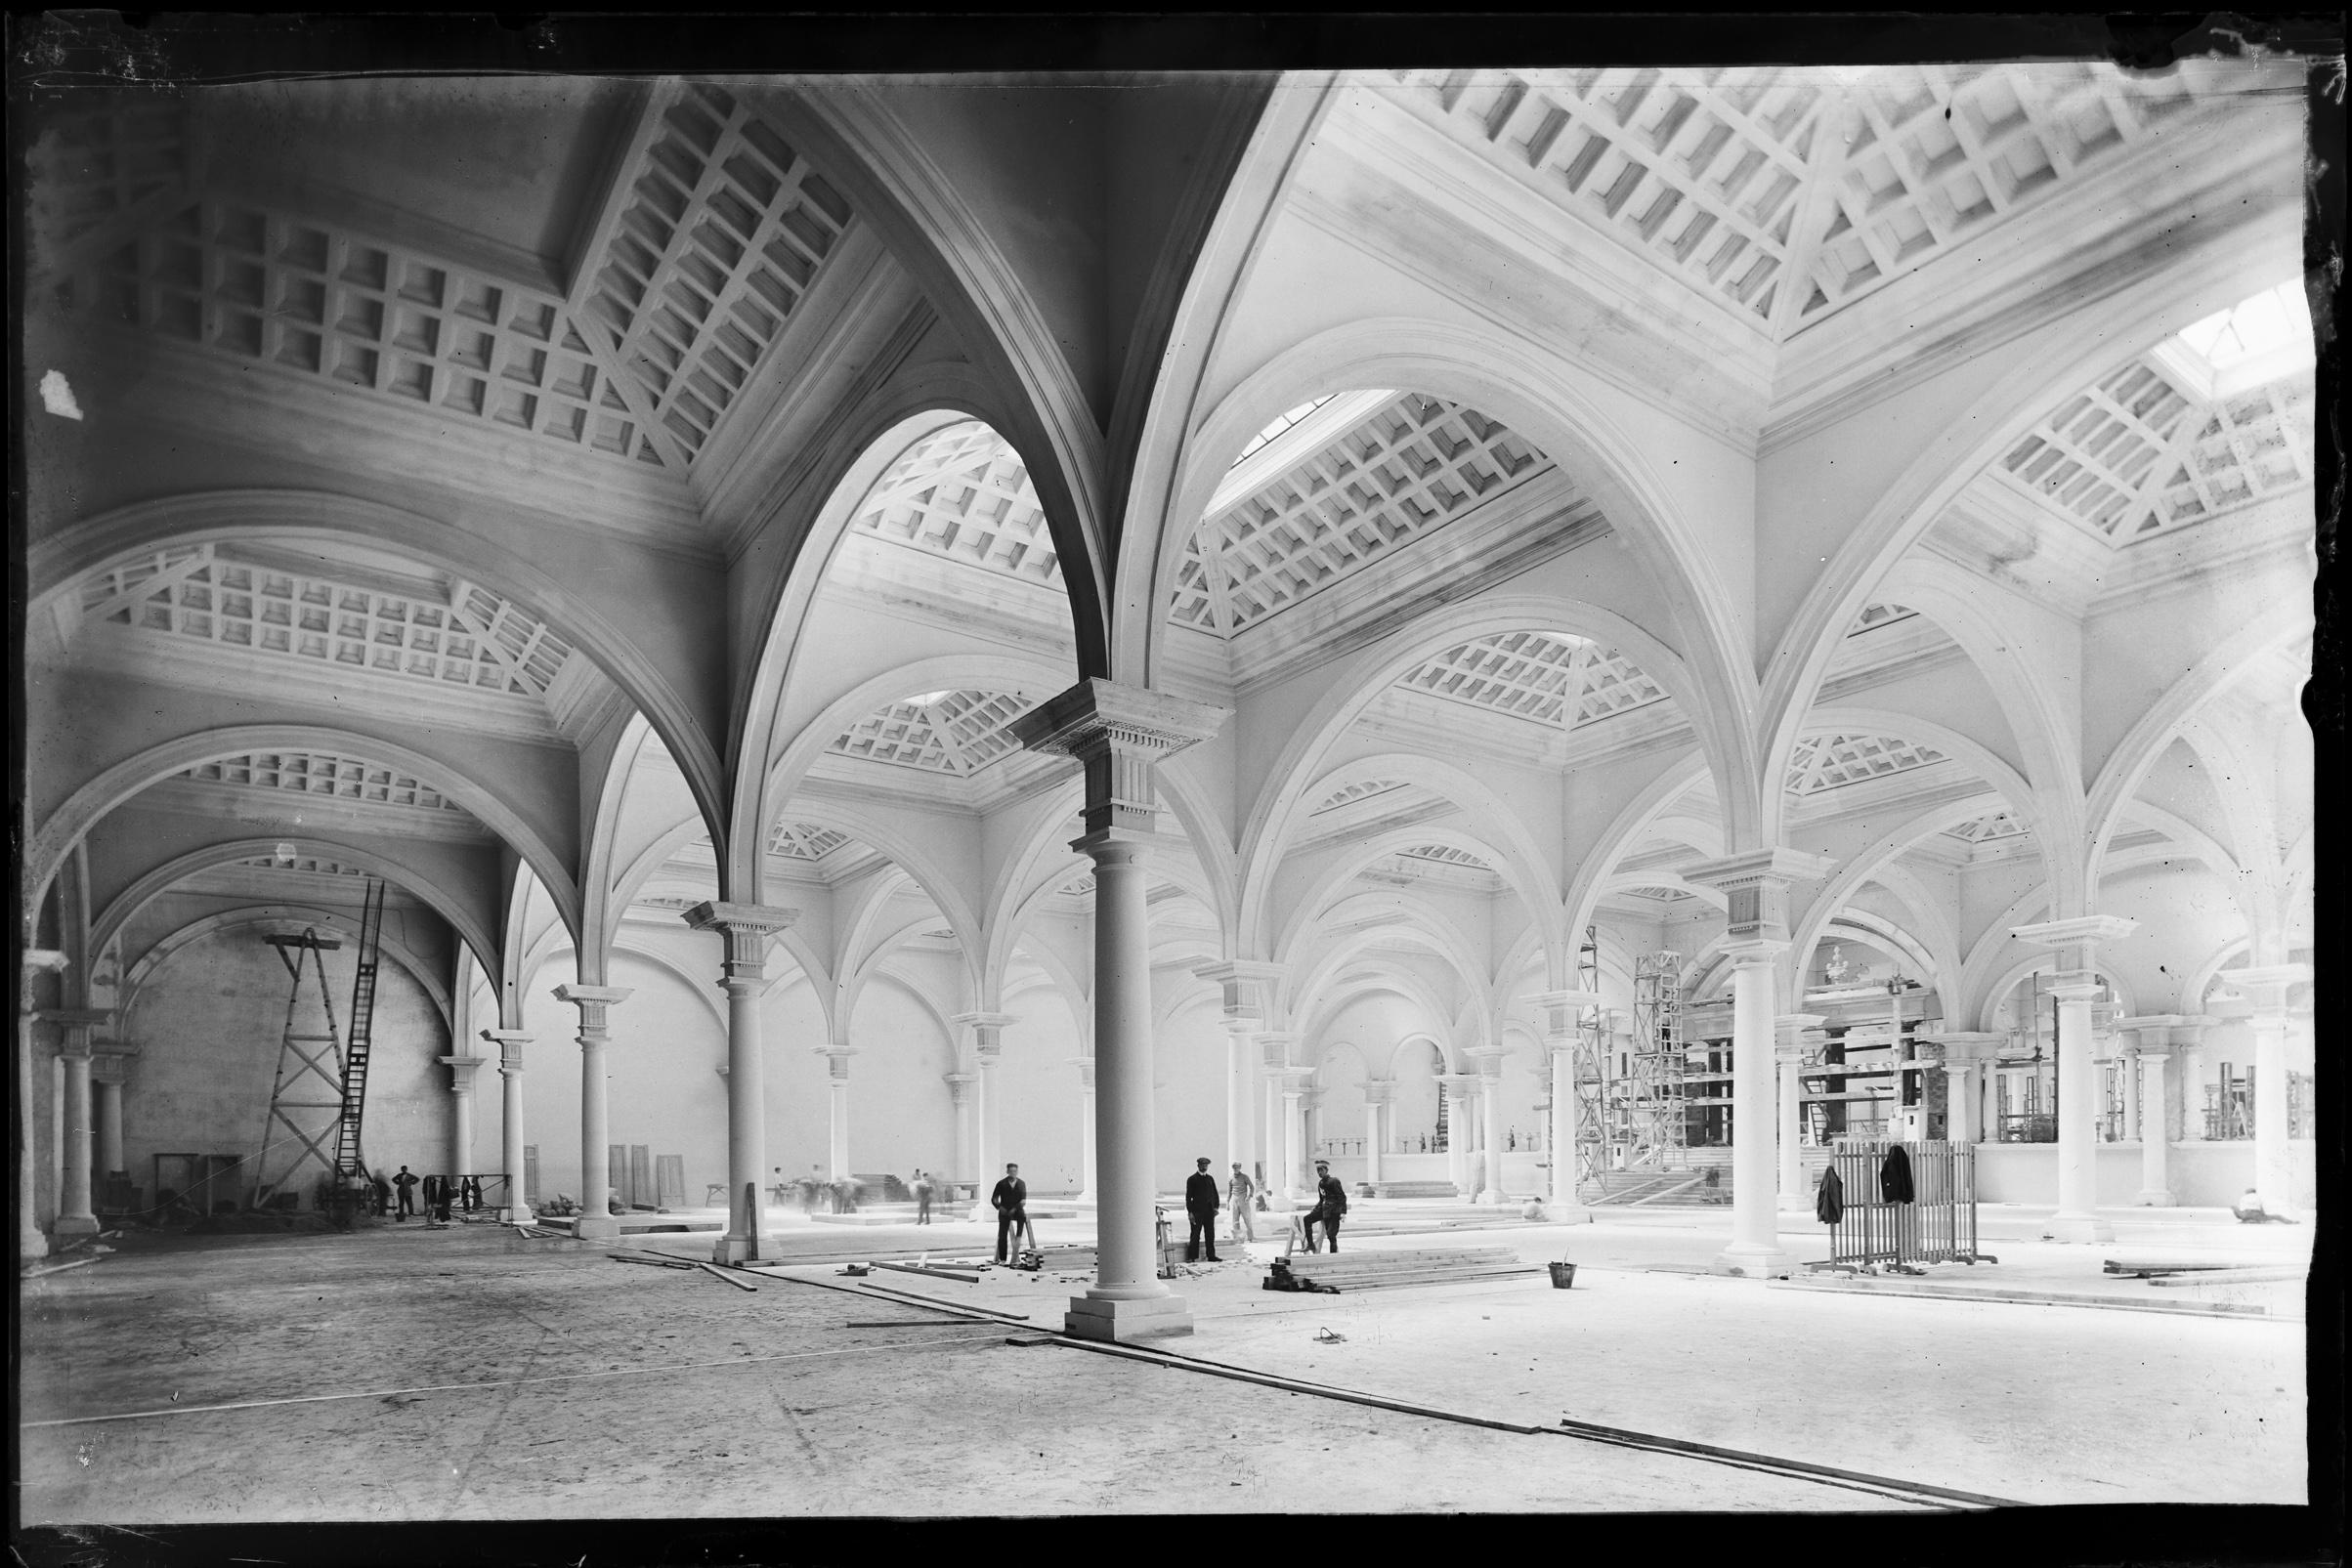 Palacio de la Industria, construido para la Exposición Internacional de Barcelona de 1929. Montjüic, 1920-1922 © Fondo BRANGULÍ, ANC